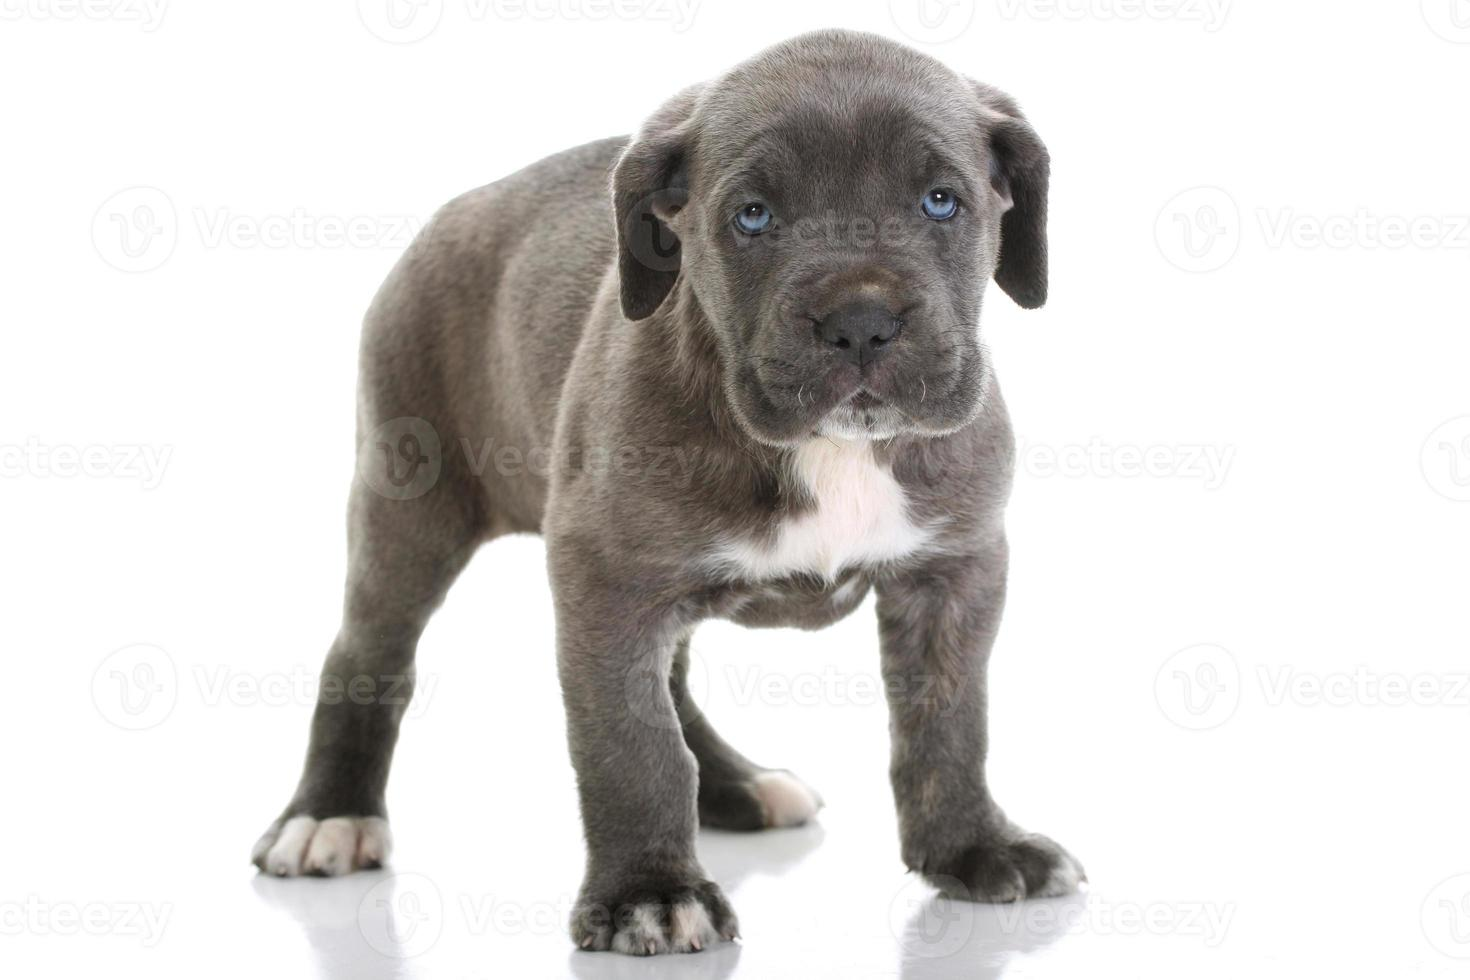 cachorro mastín italiano cane corso con ojos azules foto